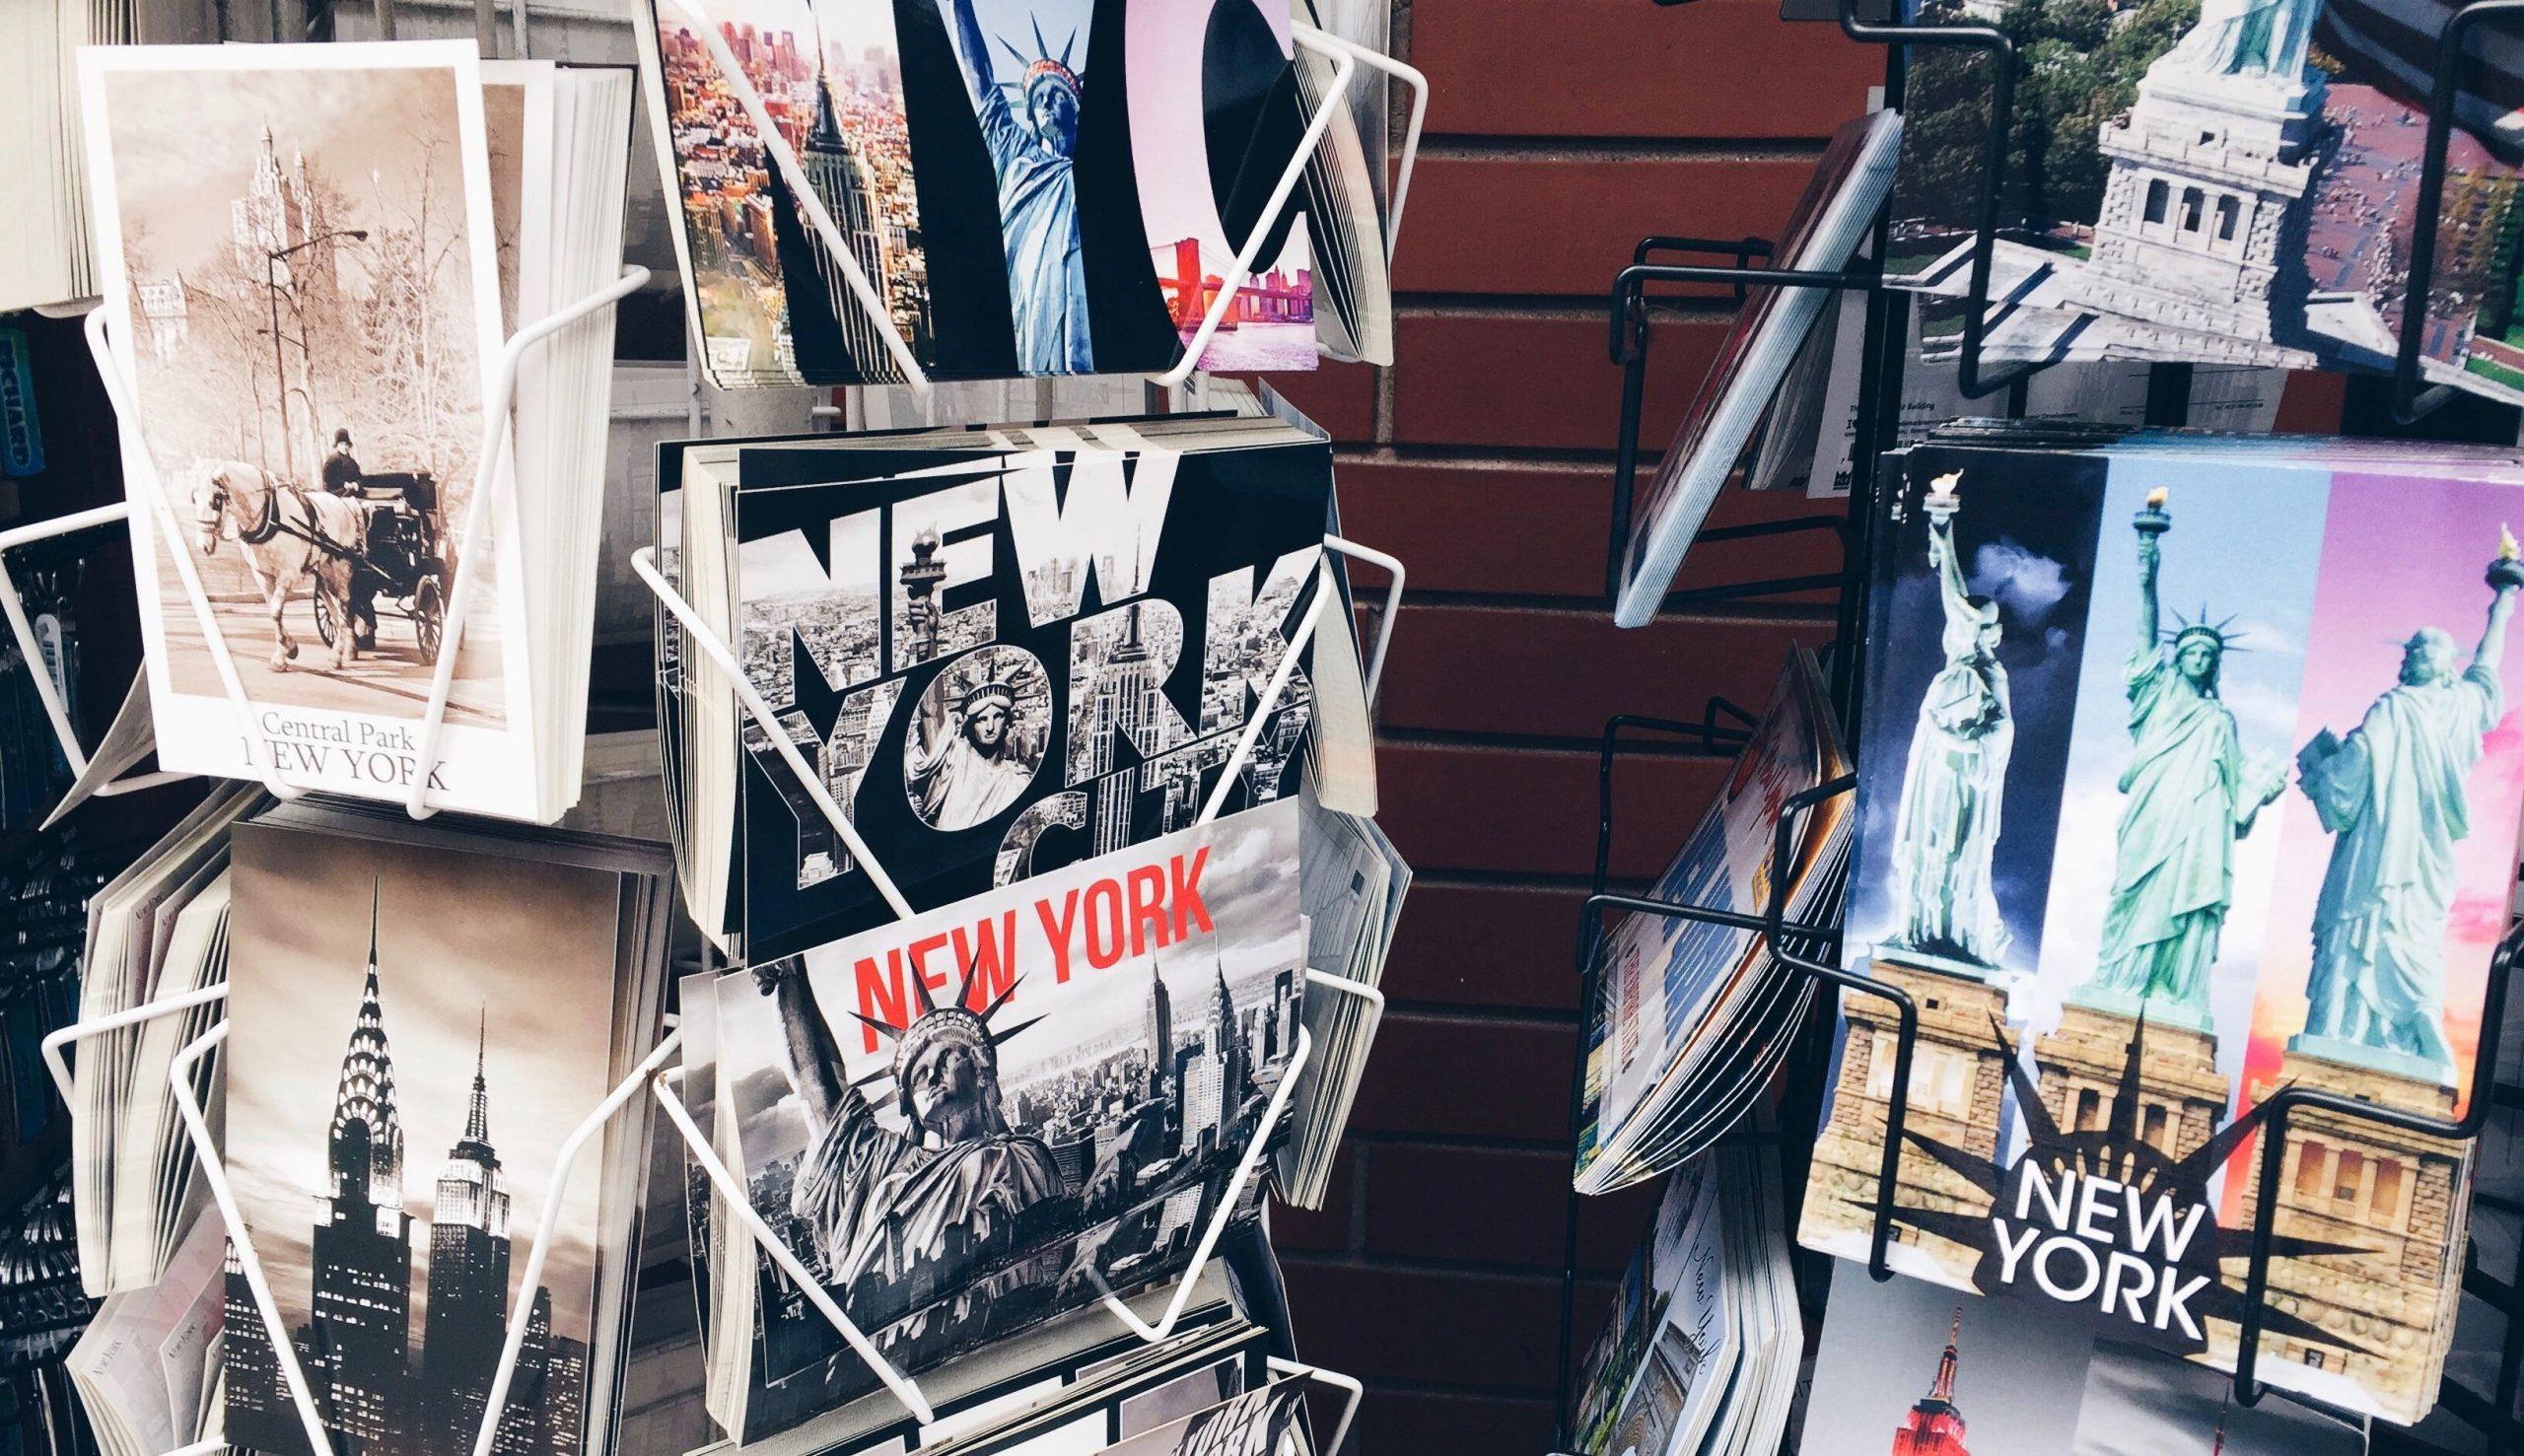 Wochenende in New York Spartipps Sightseeingtipps MamaWahnsinnHochDrei